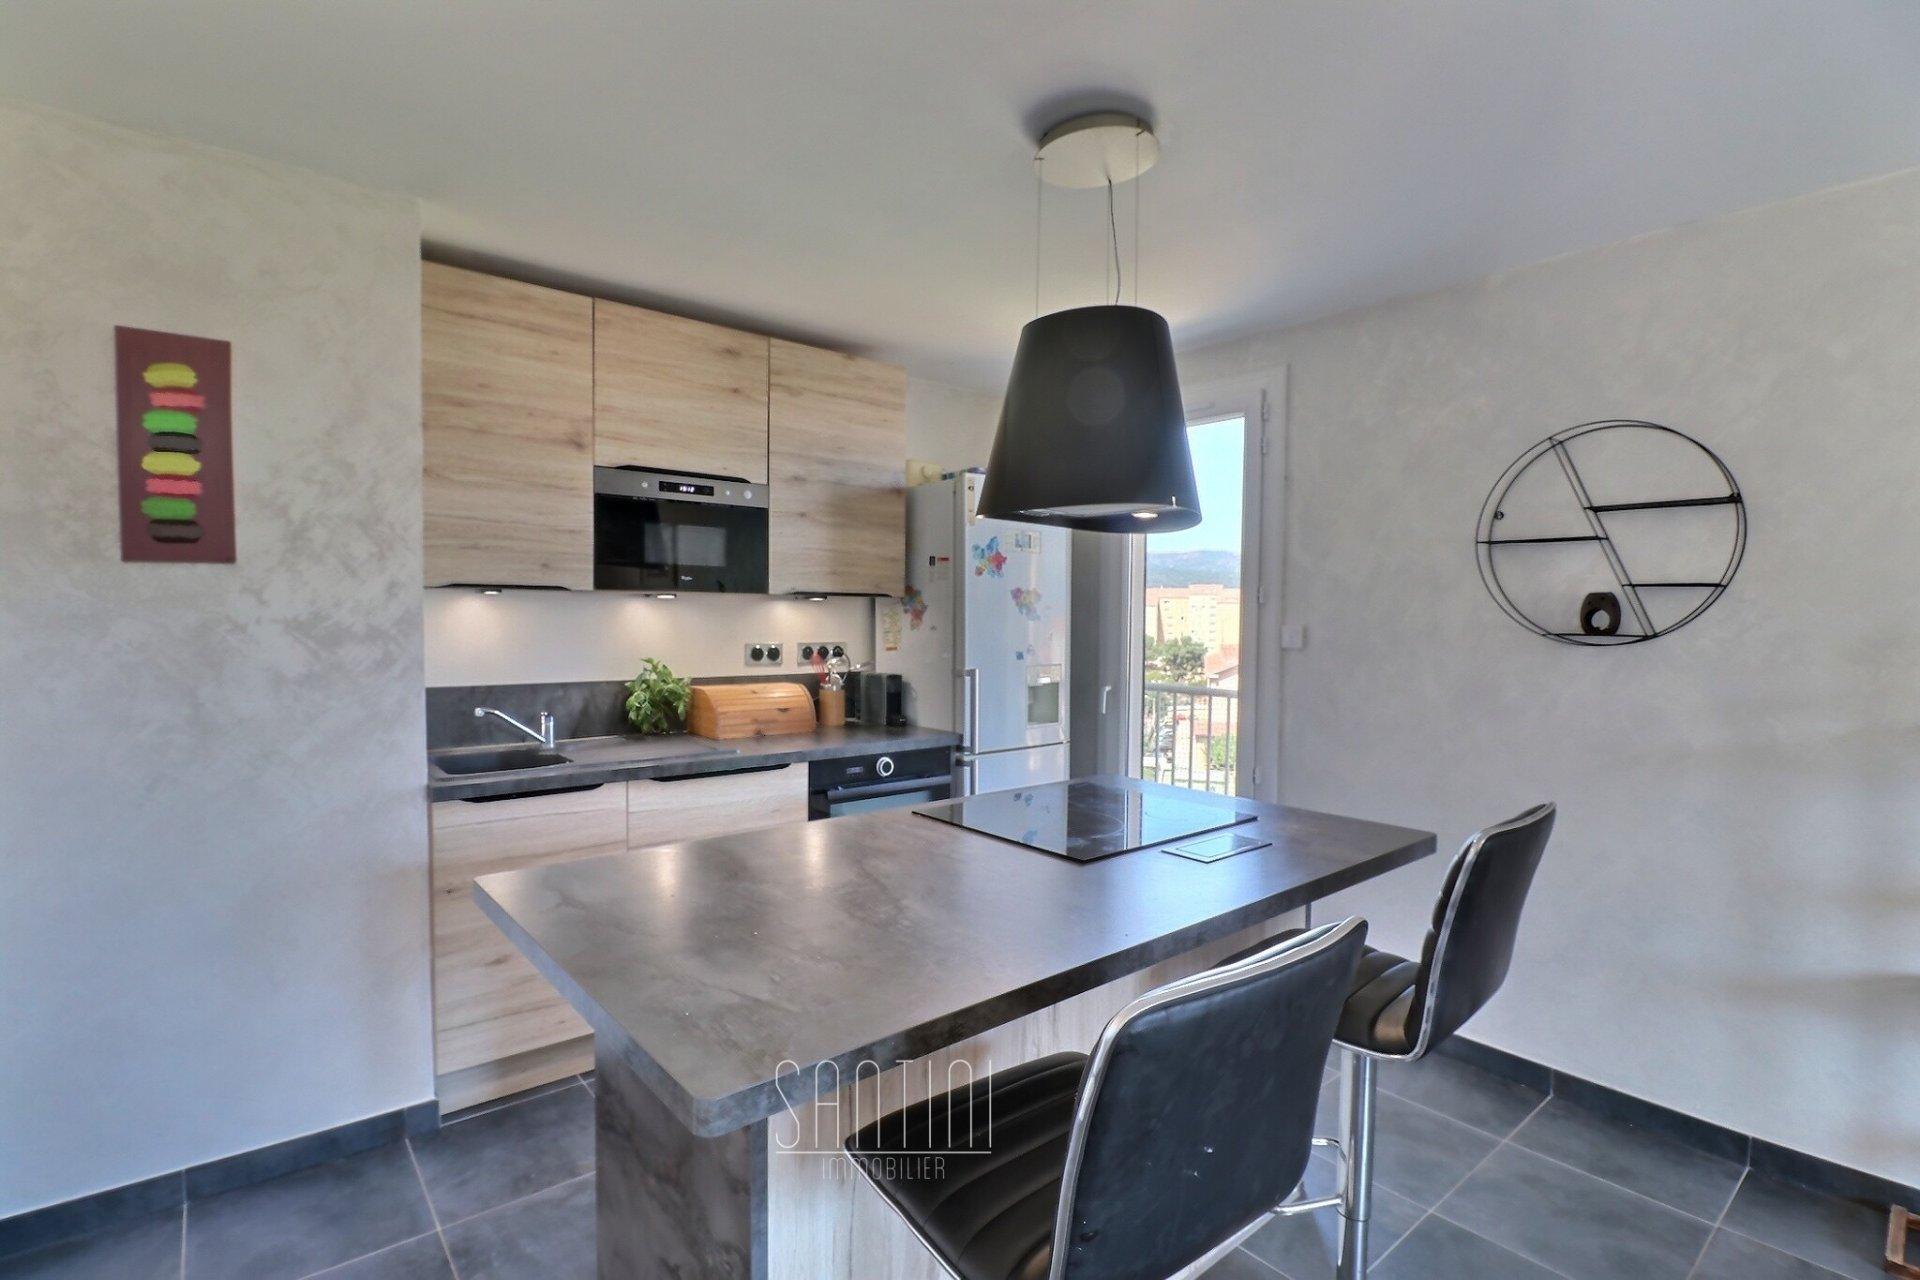 Appartement 3 pièces - Vittulo - Ajaccio